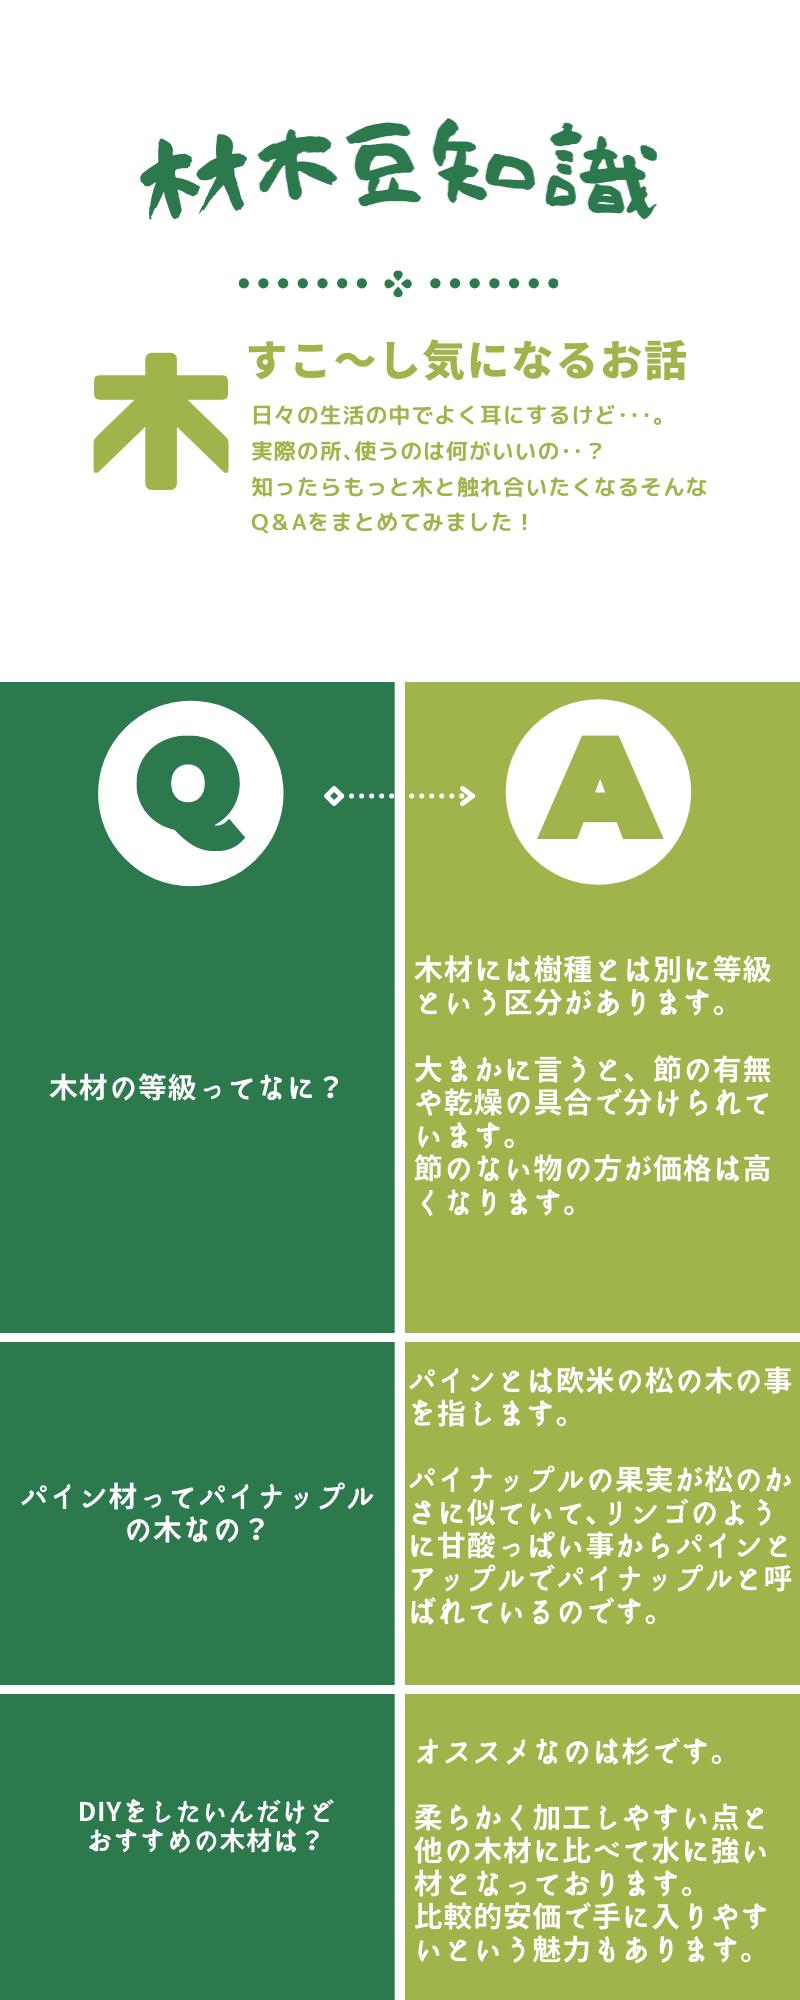 画像:材木の豆知識!